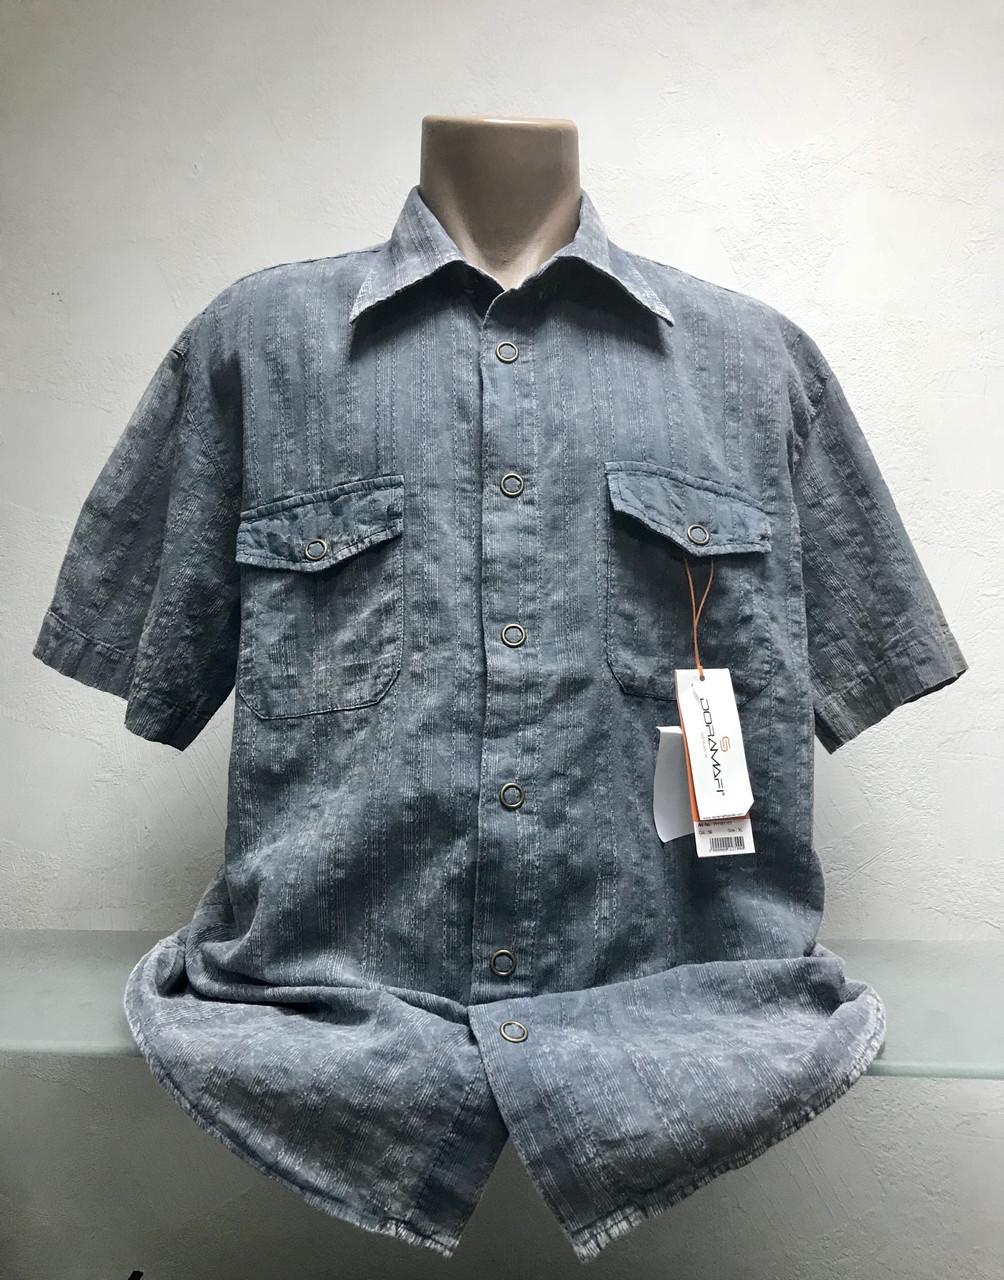 Рубашка Doramafi мужская хлопок .